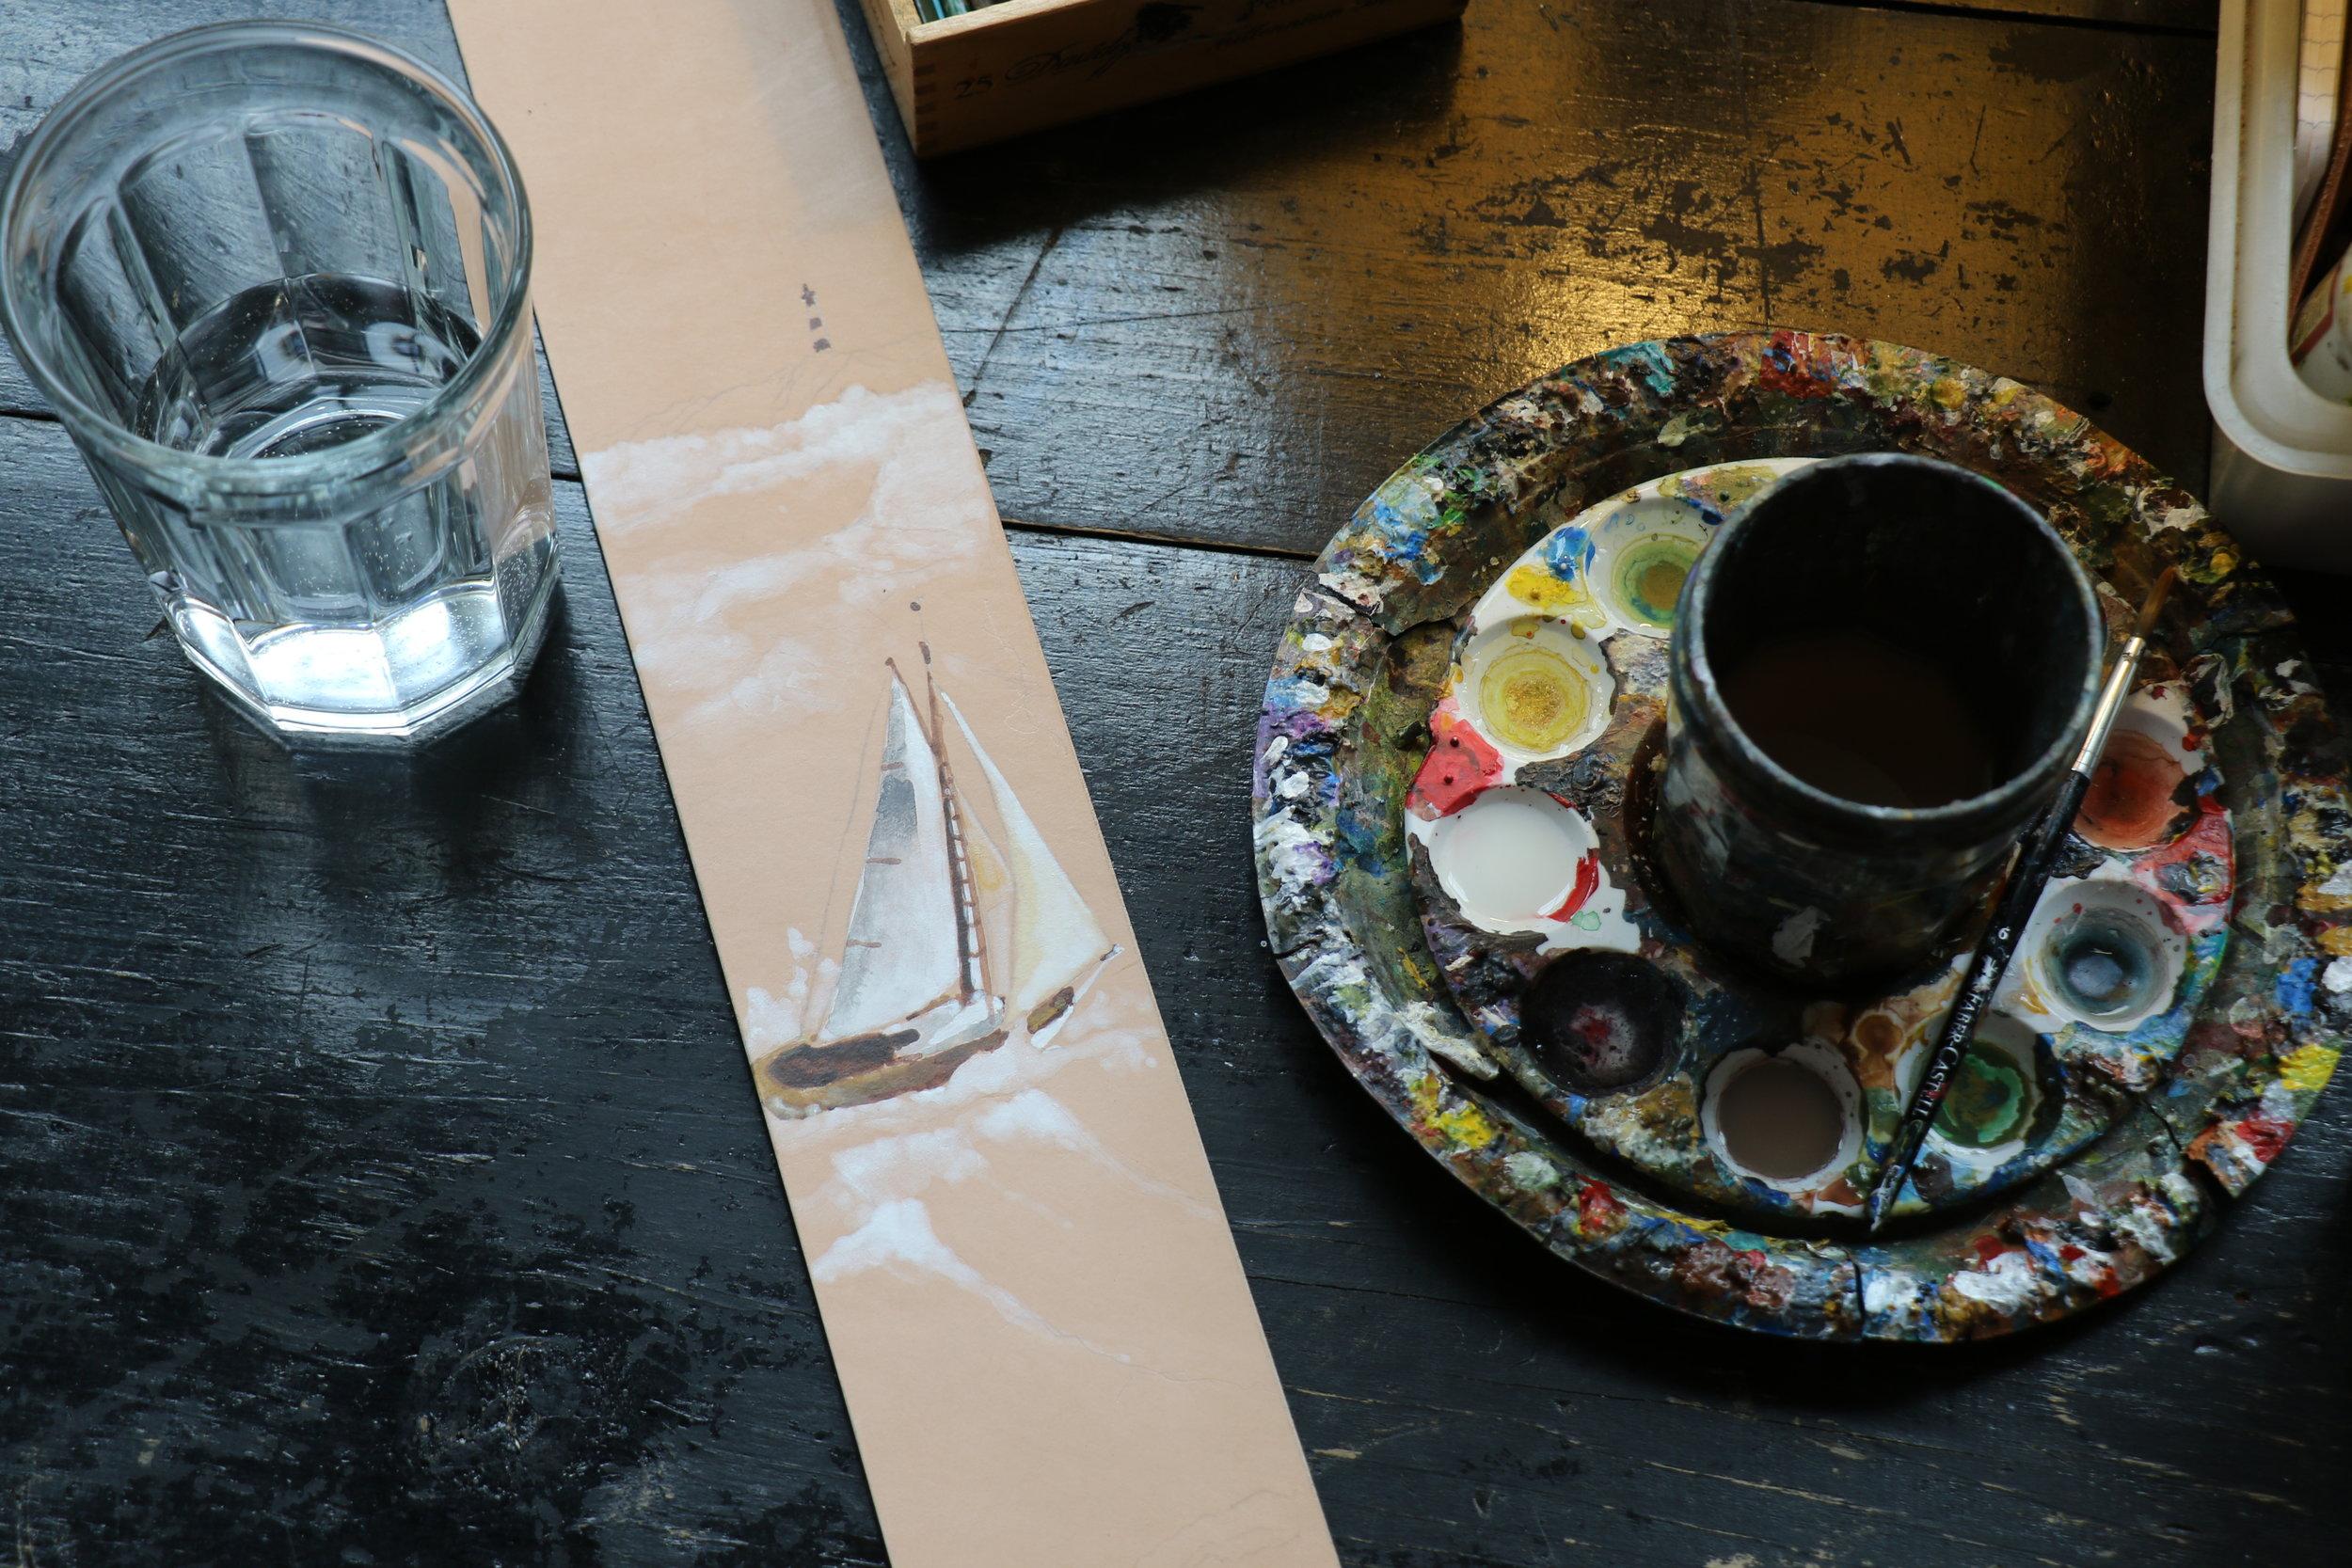 Sailboat strap